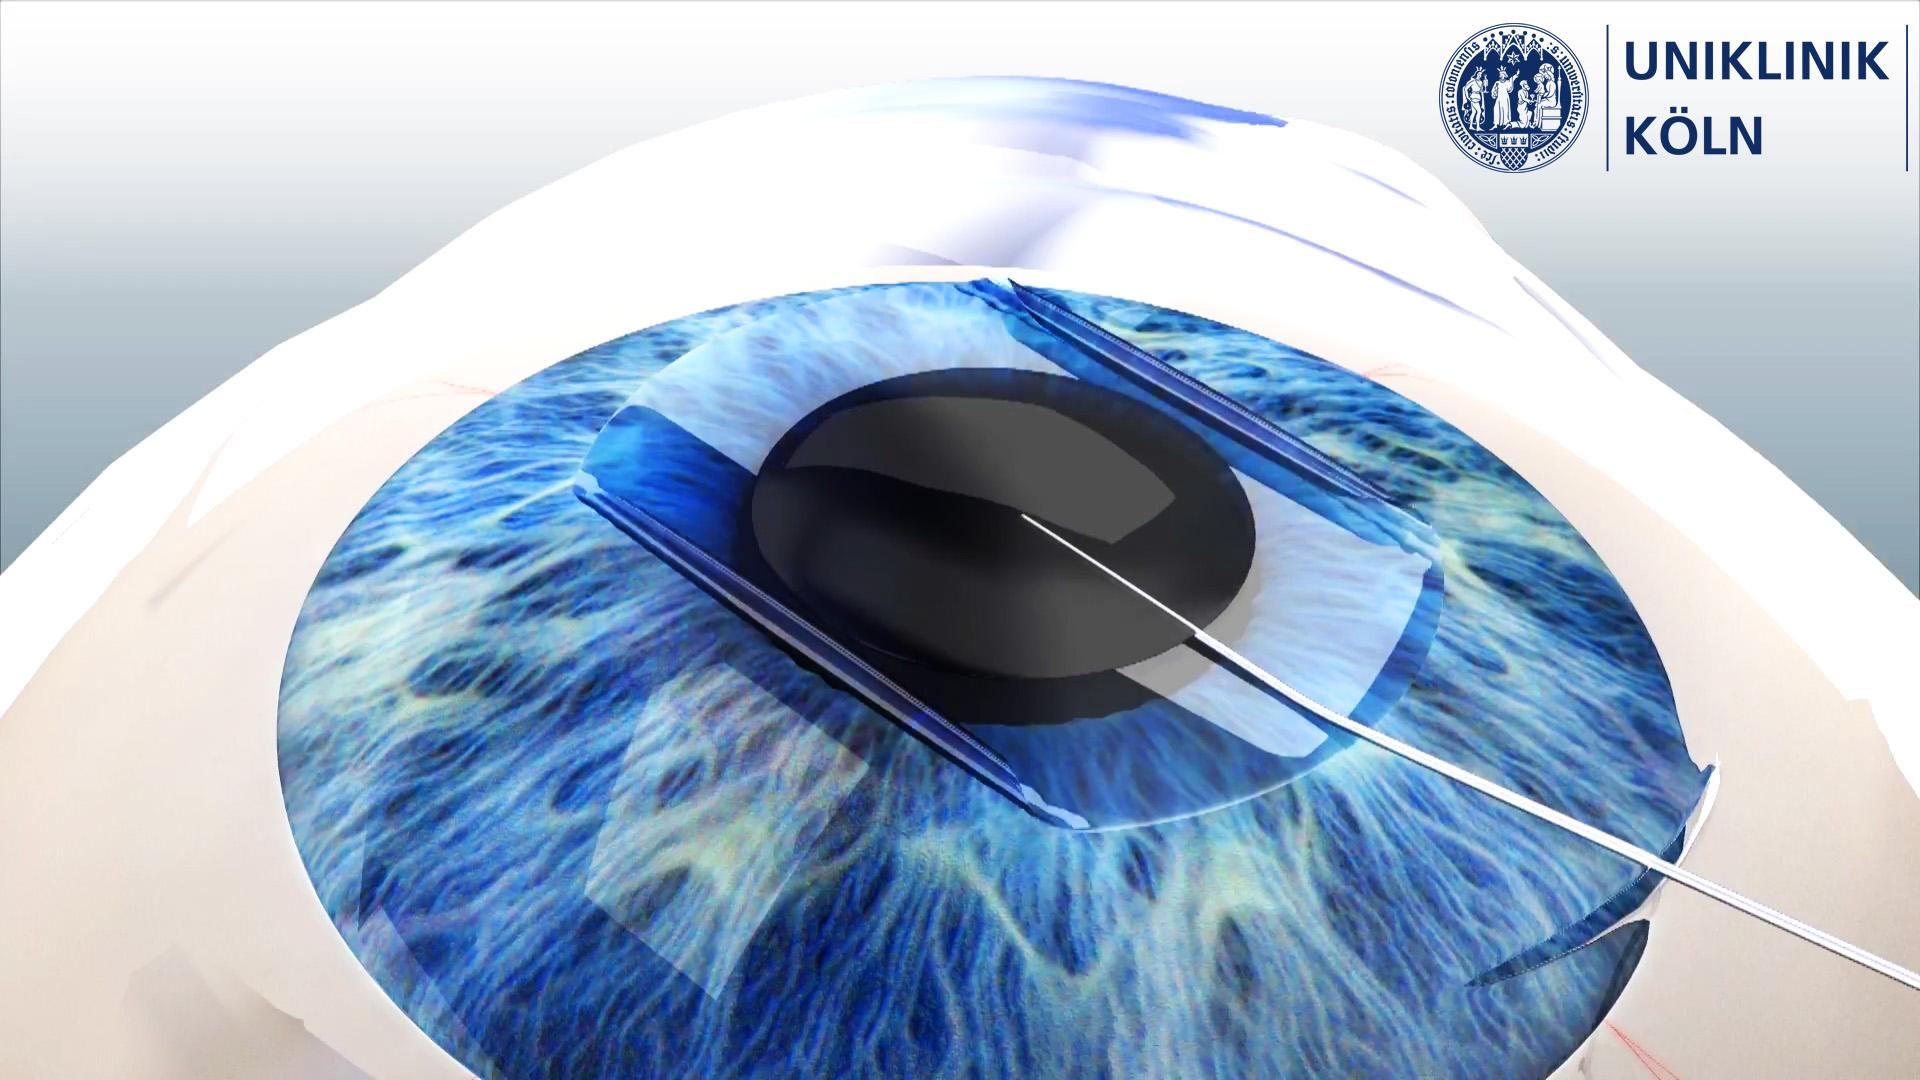 Einzelbild Augen OP aus medizinischer Animation